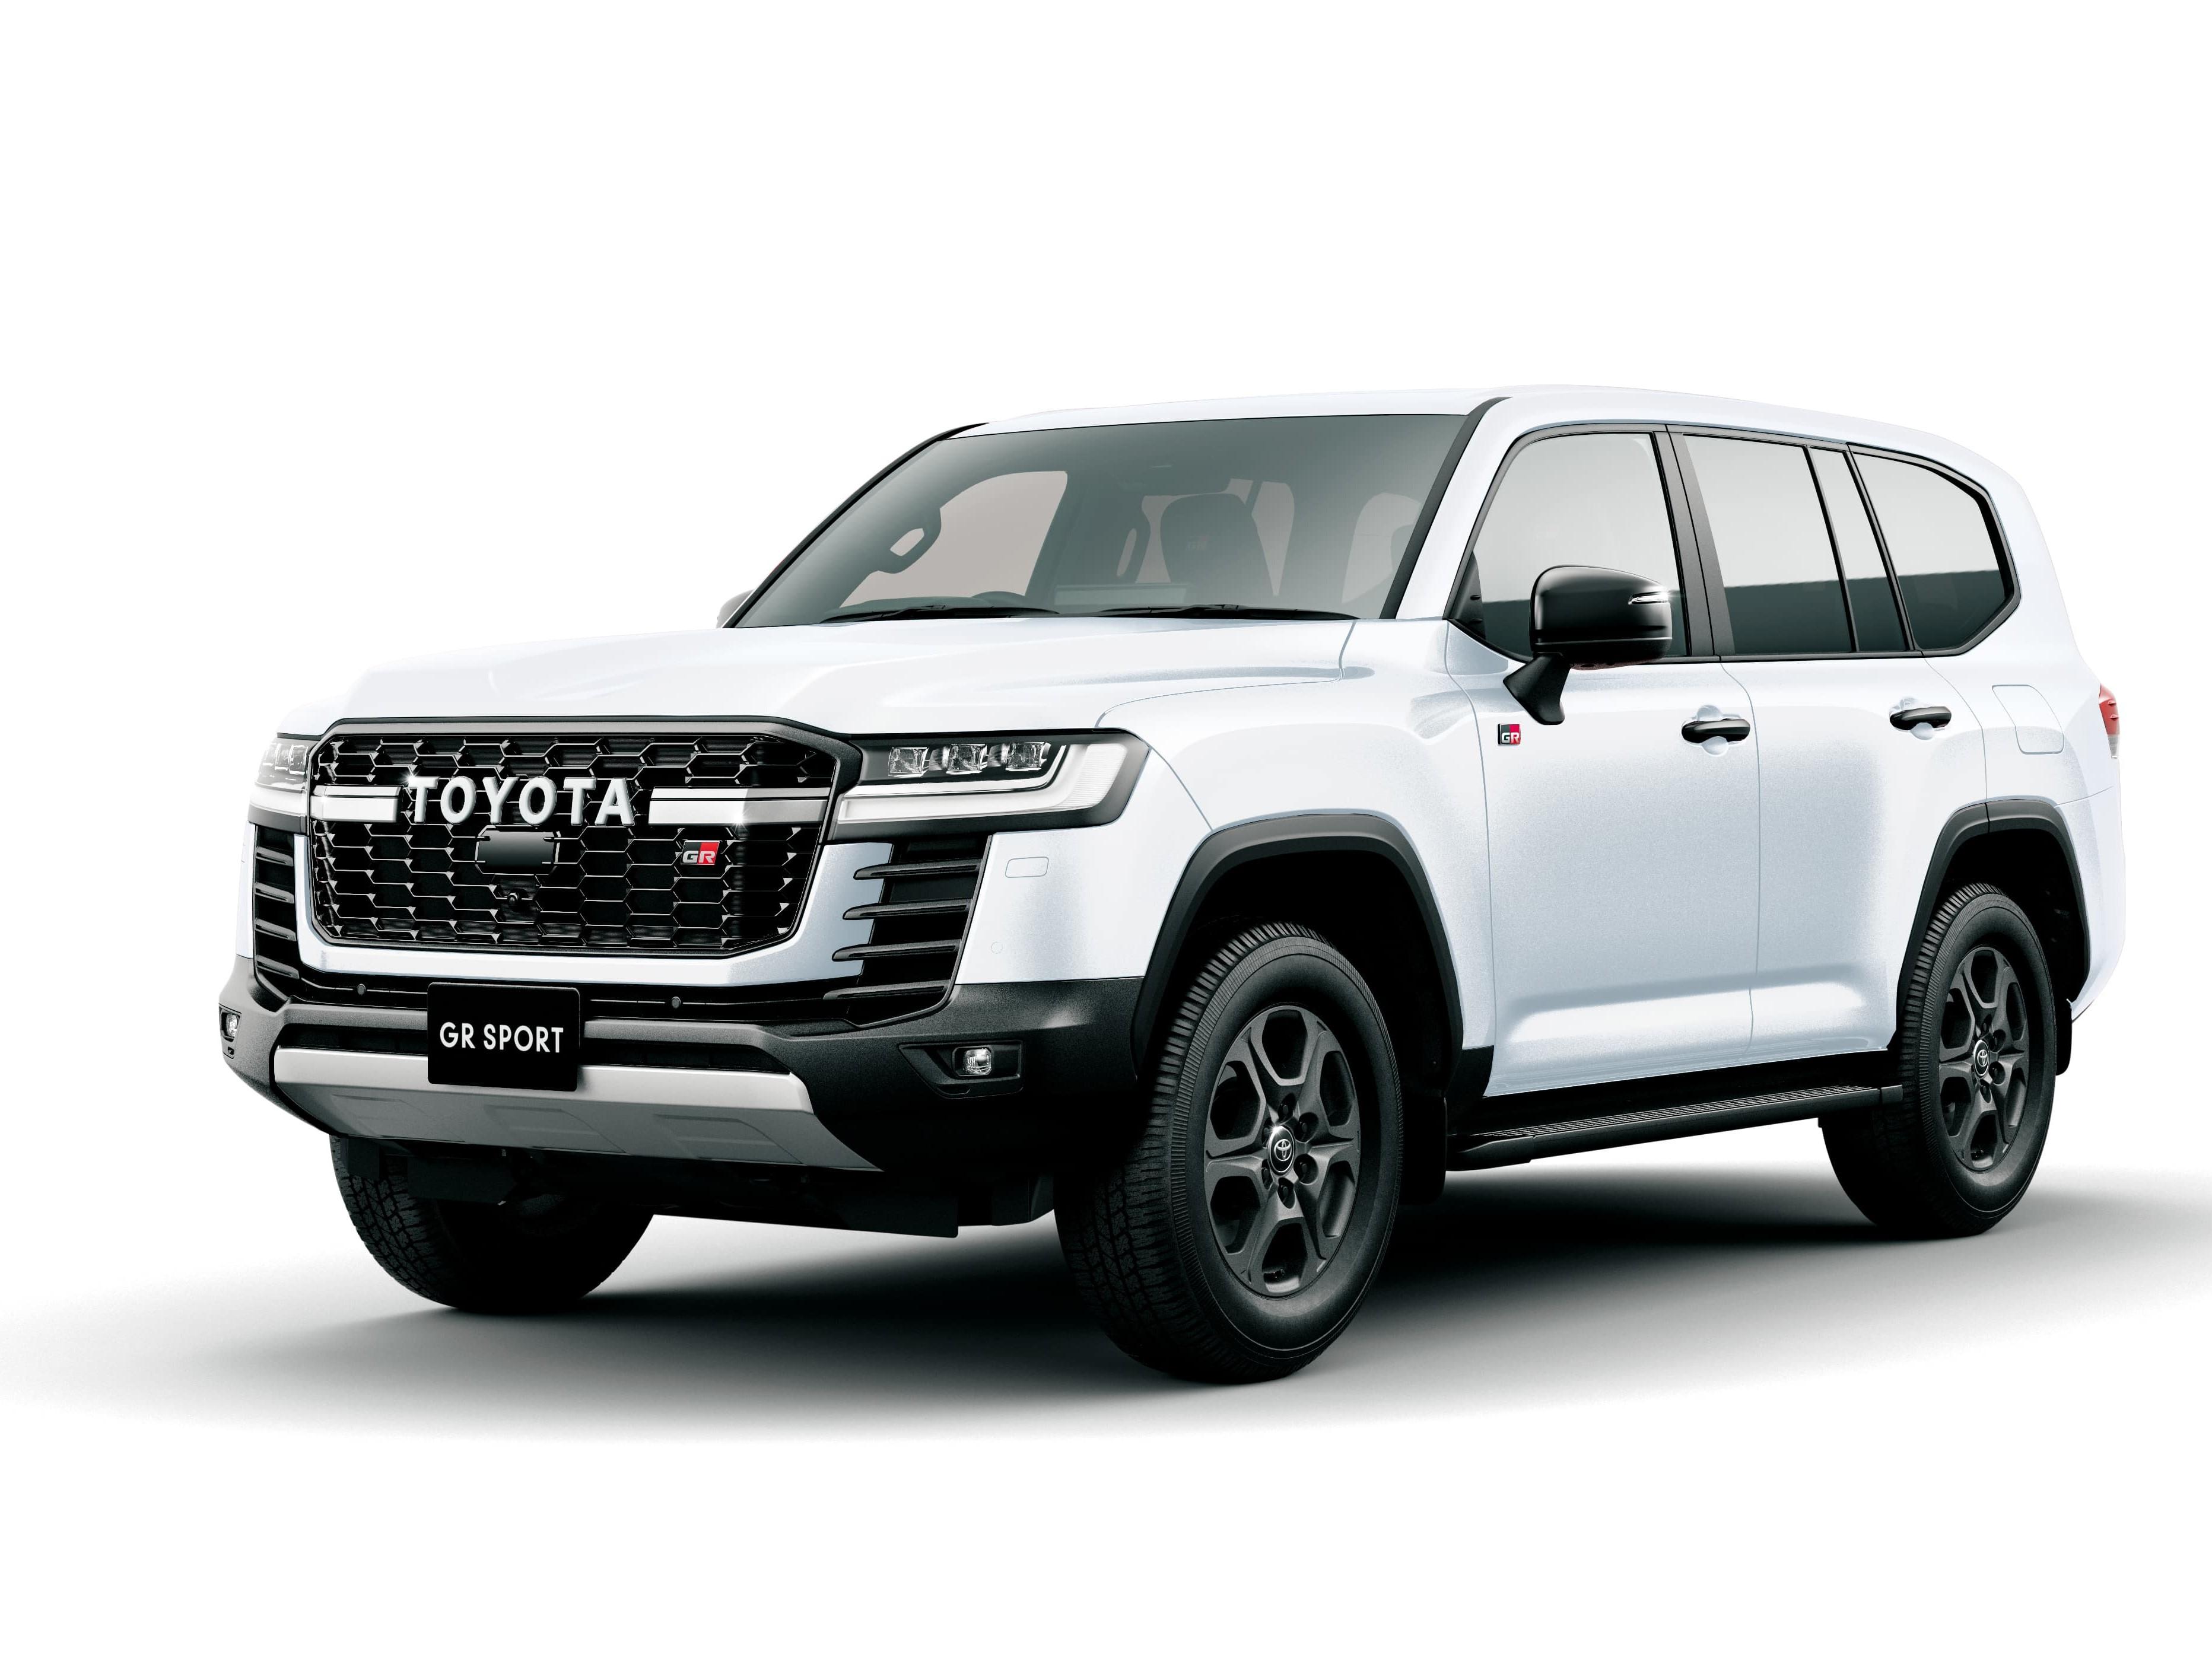 図2 新型ランドクルーザー トヨタ自動車が2021年8月2日に発売した。(出所:トヨタ自動車)